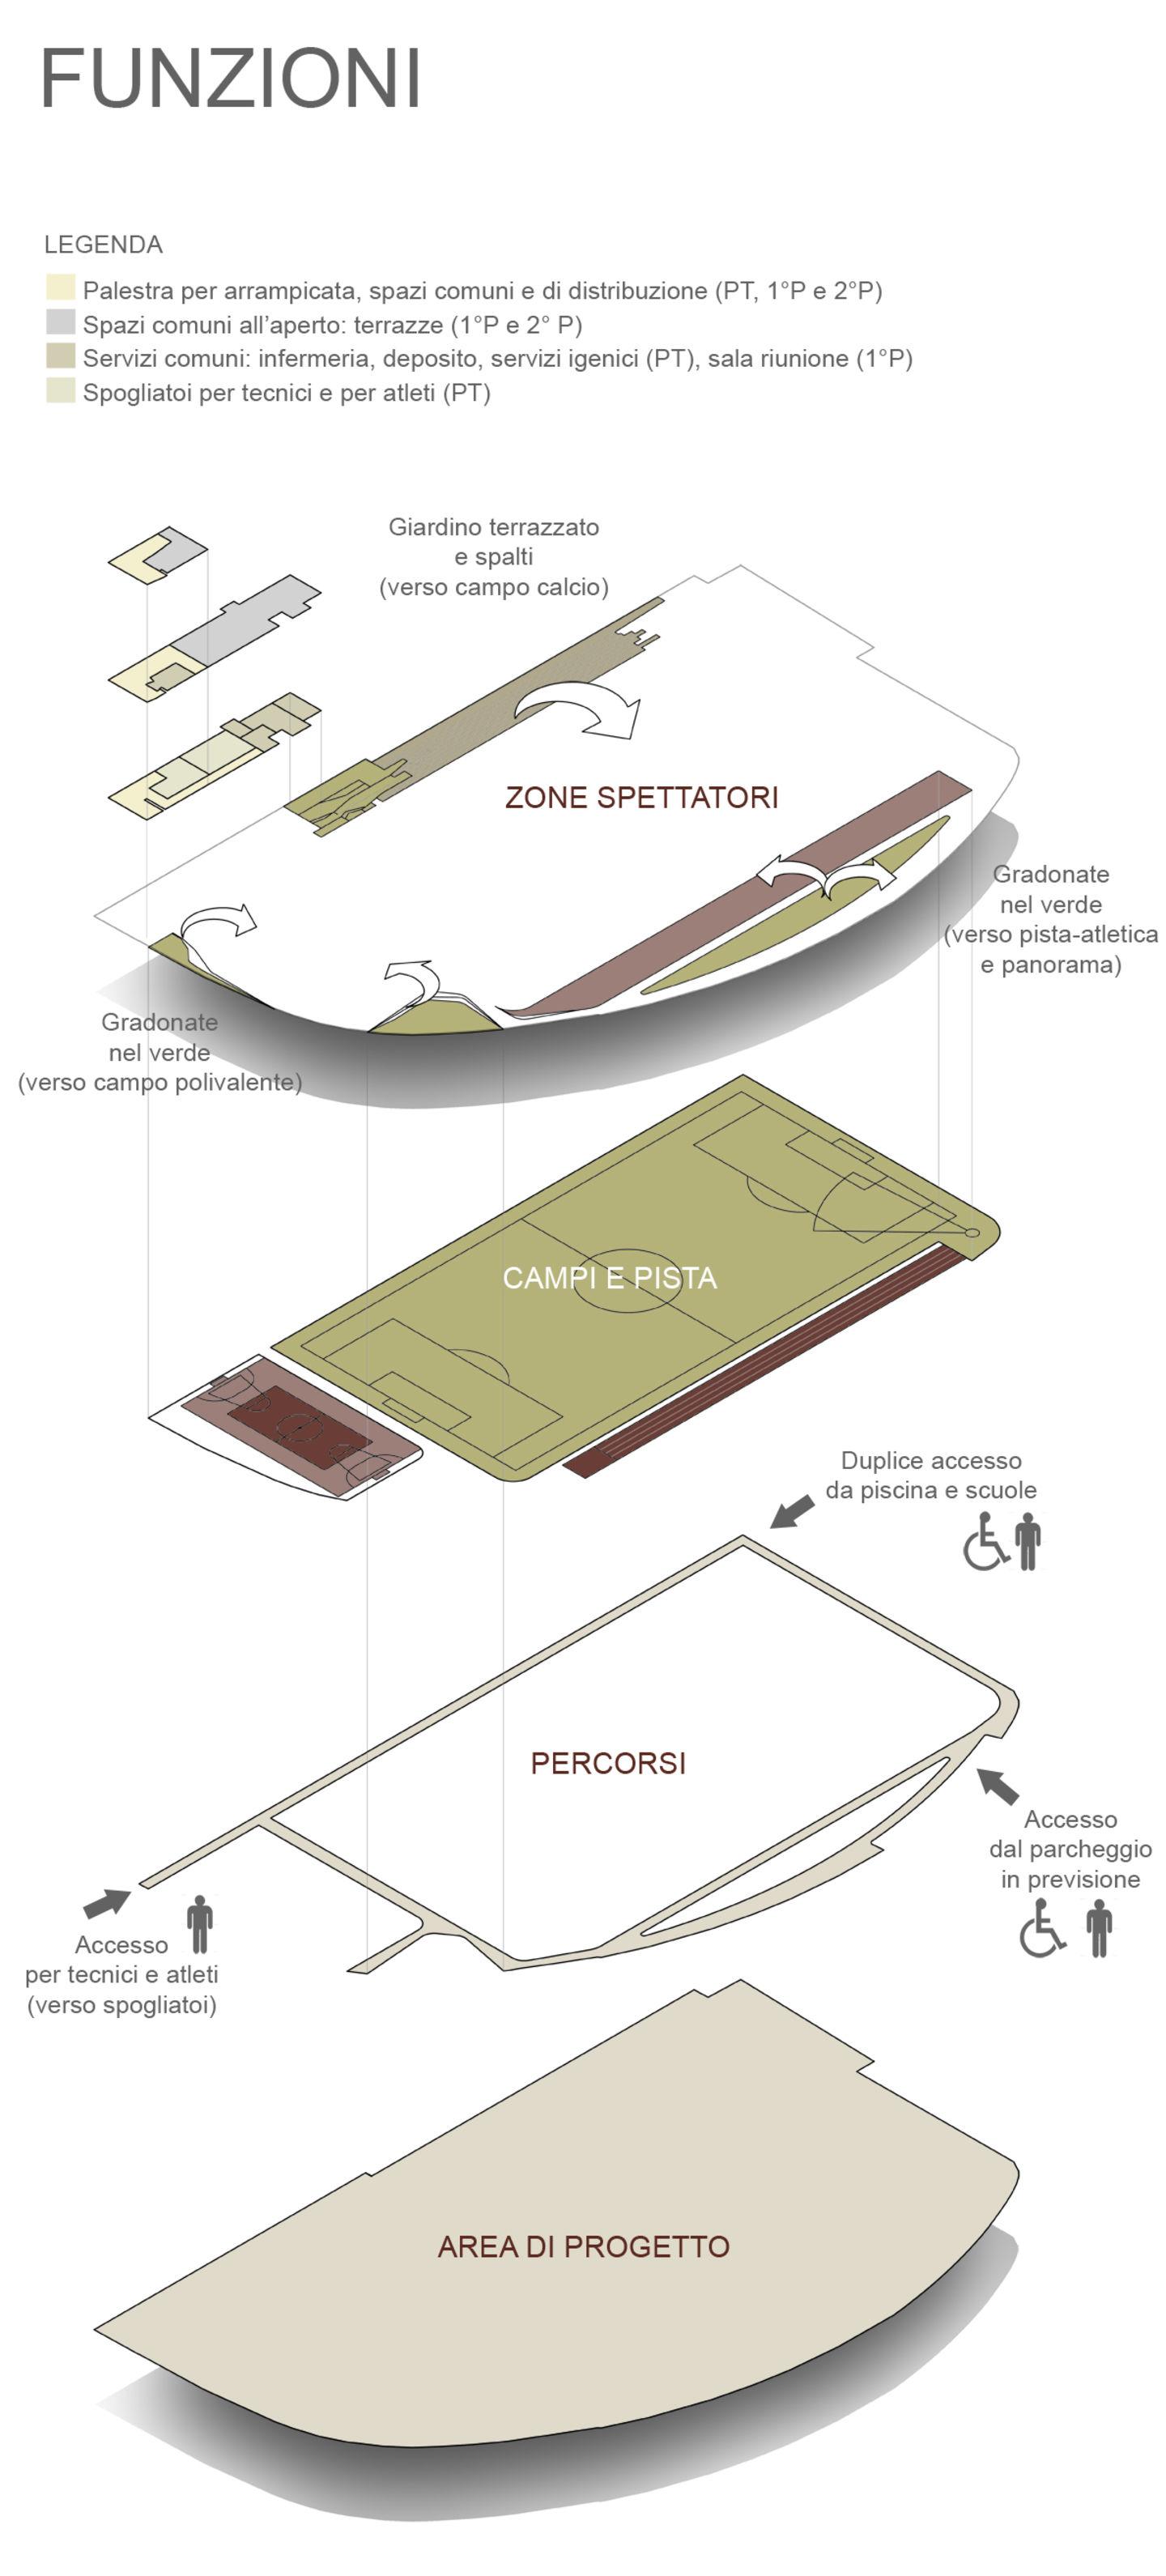 Faretti Incassati Nel Terreno: Faretti incassati nel terreno fari led classic diluxlight prodotti.